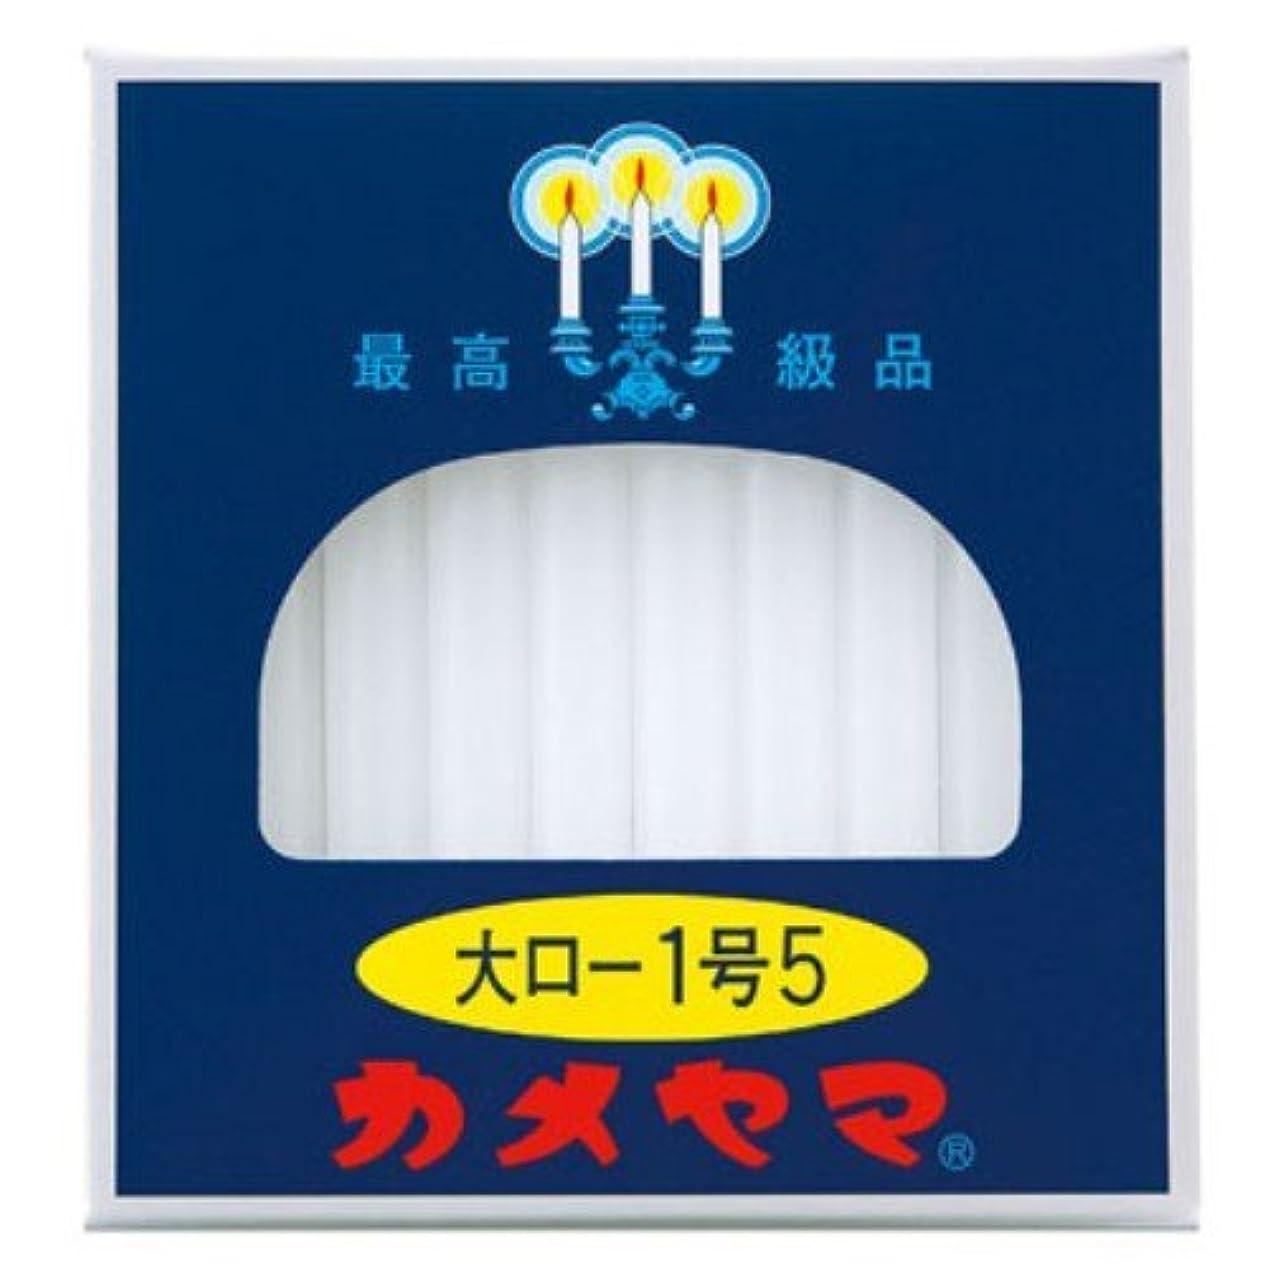 防衛バンドにぎやかカメヤマ ローソク大1.5号 40入 225G